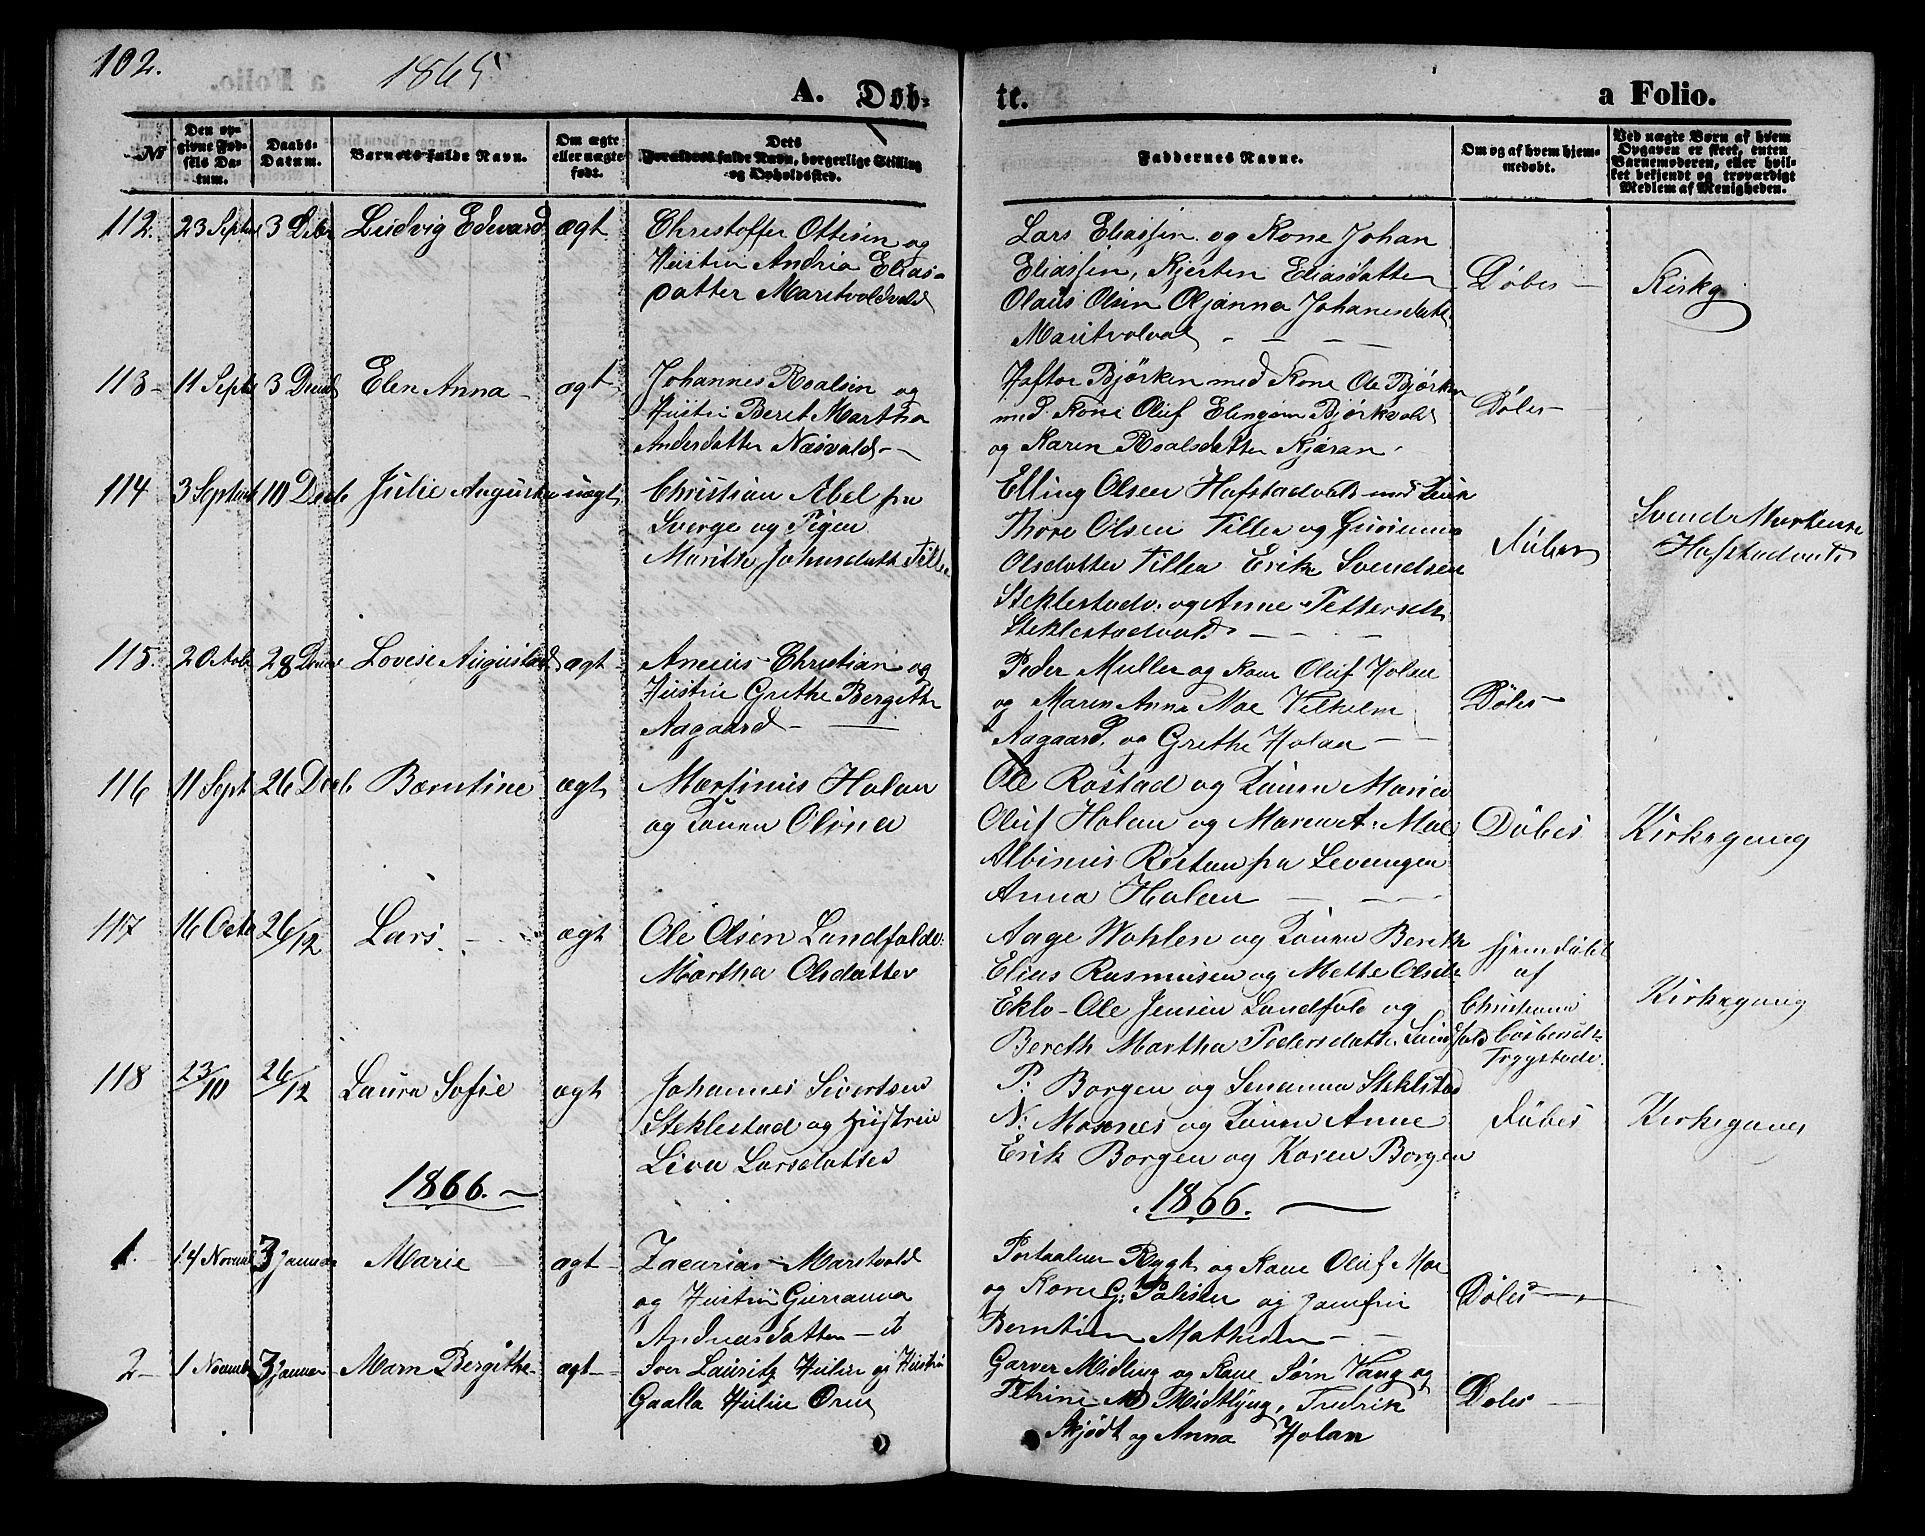 SAT, Ministerialprotokoller, klokkerbøker og fødselsregistre - Nord-Trøndelag, 723/L0254: Klokkerbok nr. 723C02, 1858-1868, s. 102